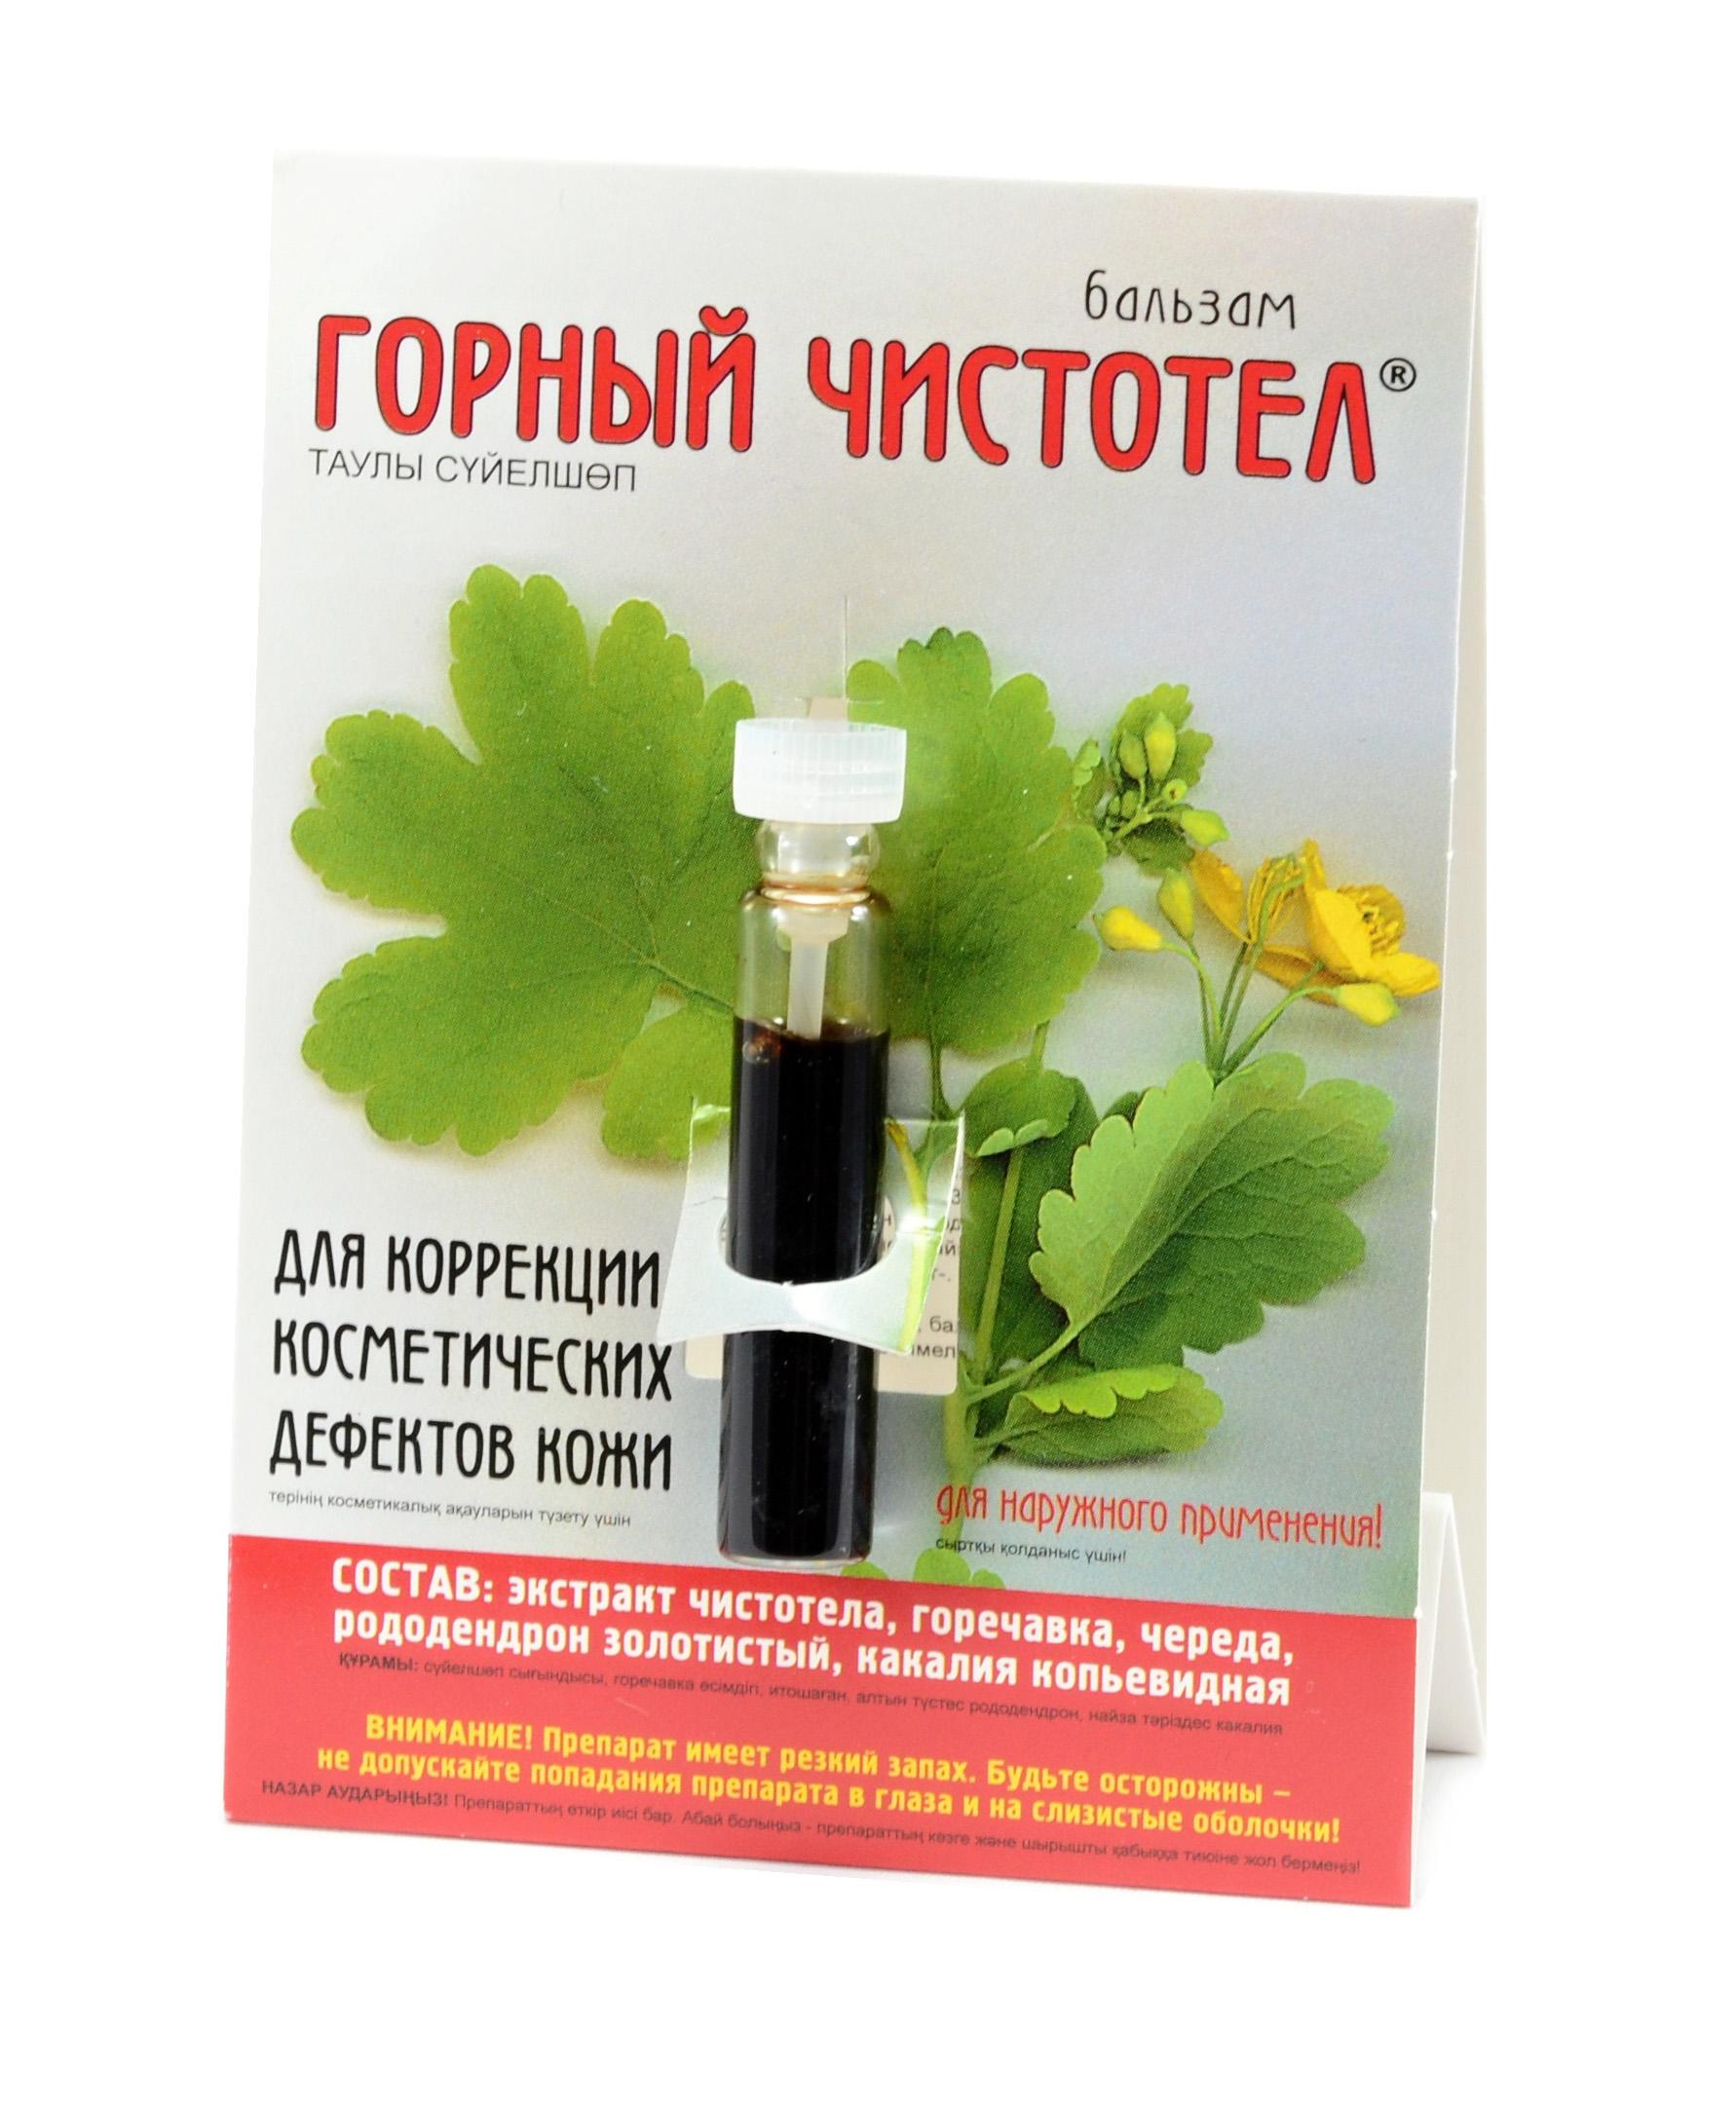 Horský čistoteľ- extrakt z lastovičníka na bradavice - Doktor Vedov - 1,2 ml